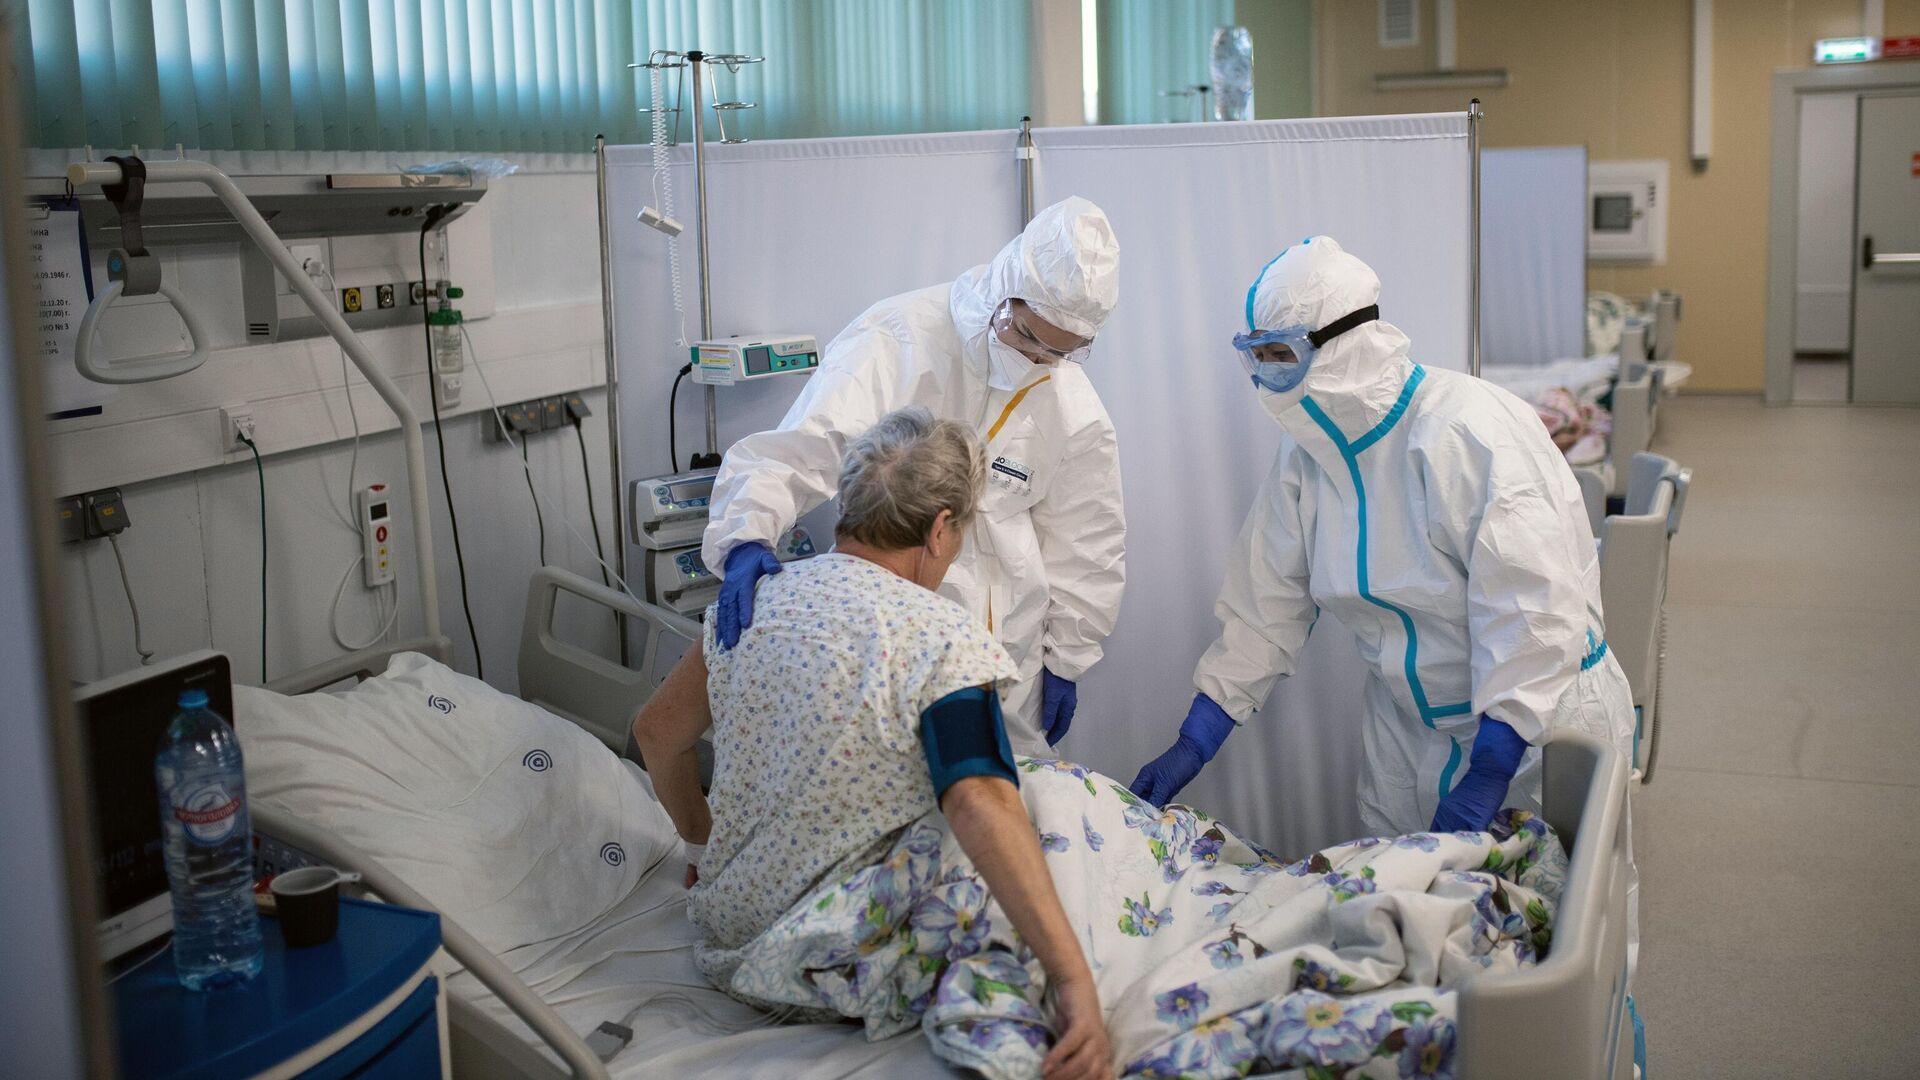 Медицинские работники и пациент в отделении реанимации и интенсивной терапии в госпитале для больных COVID-19  - РИА Новости, 1920, 04.12.2020